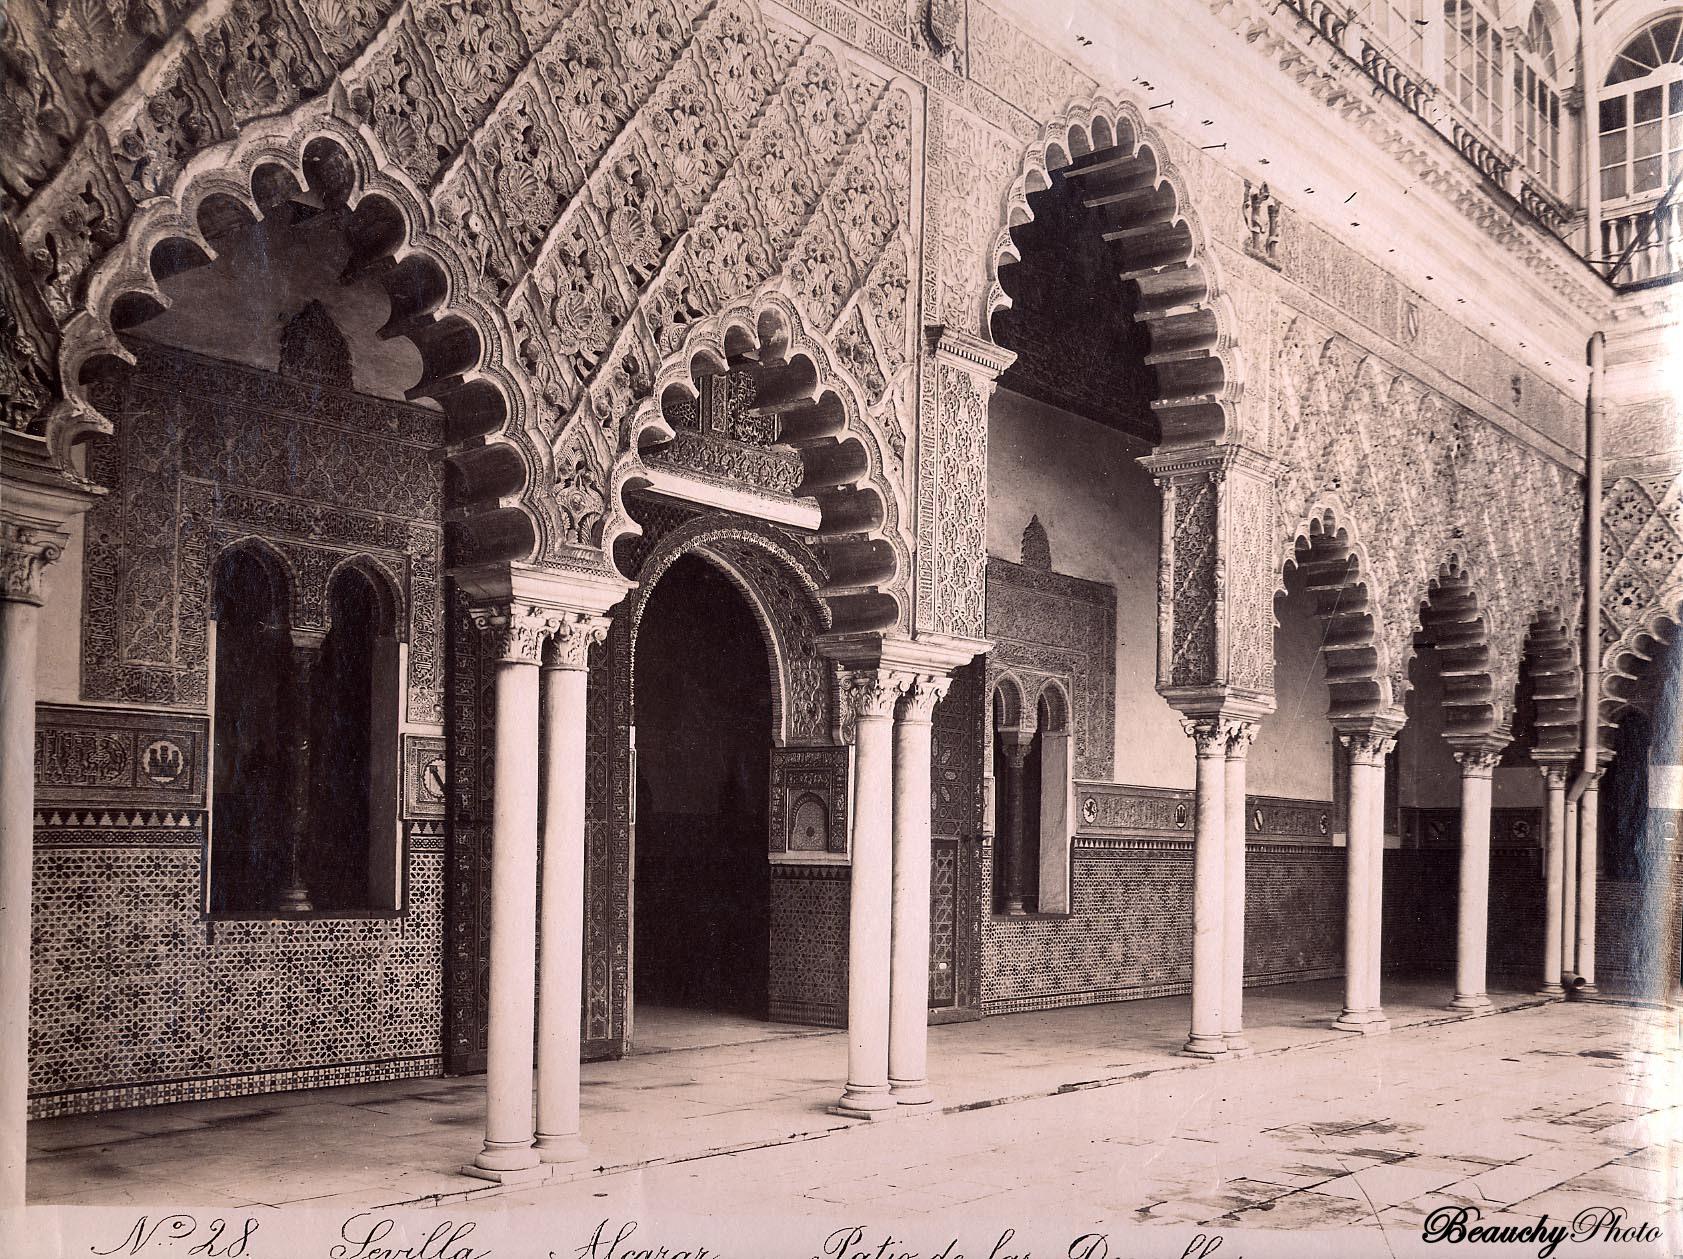 Beauchyphoto_Alcázar_de_Sevilla_Patio_de_las_Doncellas_3_Emilio_Beauchy_Cano_fotografias_antiguas_postales_vistas_y_monumentos